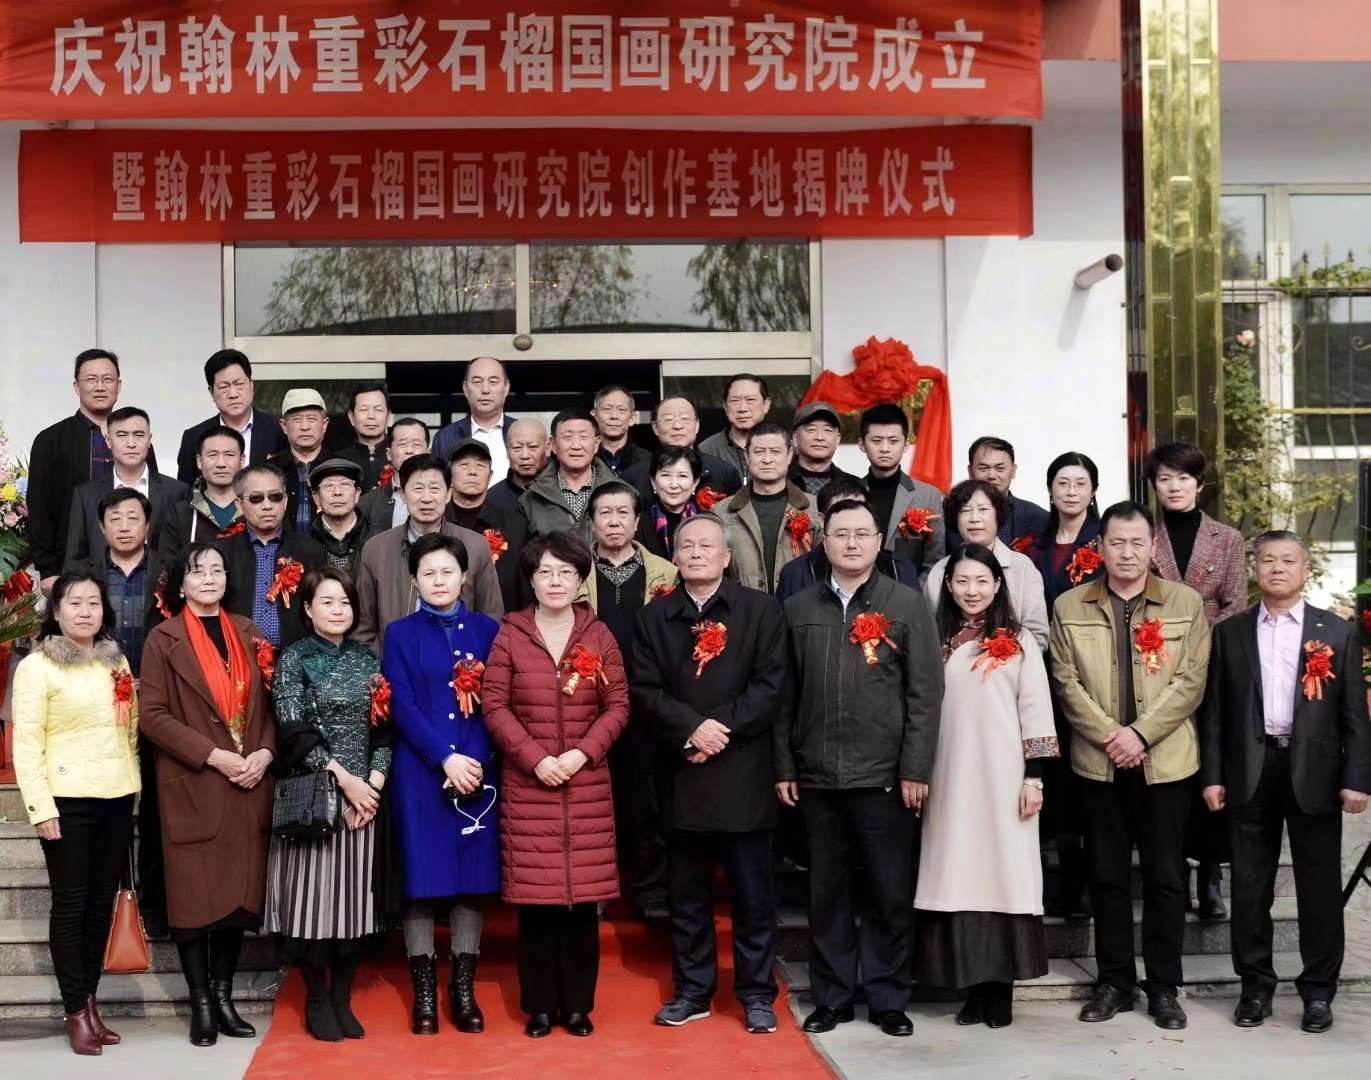 中宣部城乡统筹发展研究中心和北京翰林书画院、中国优秀书画家、精选作品入选名单: